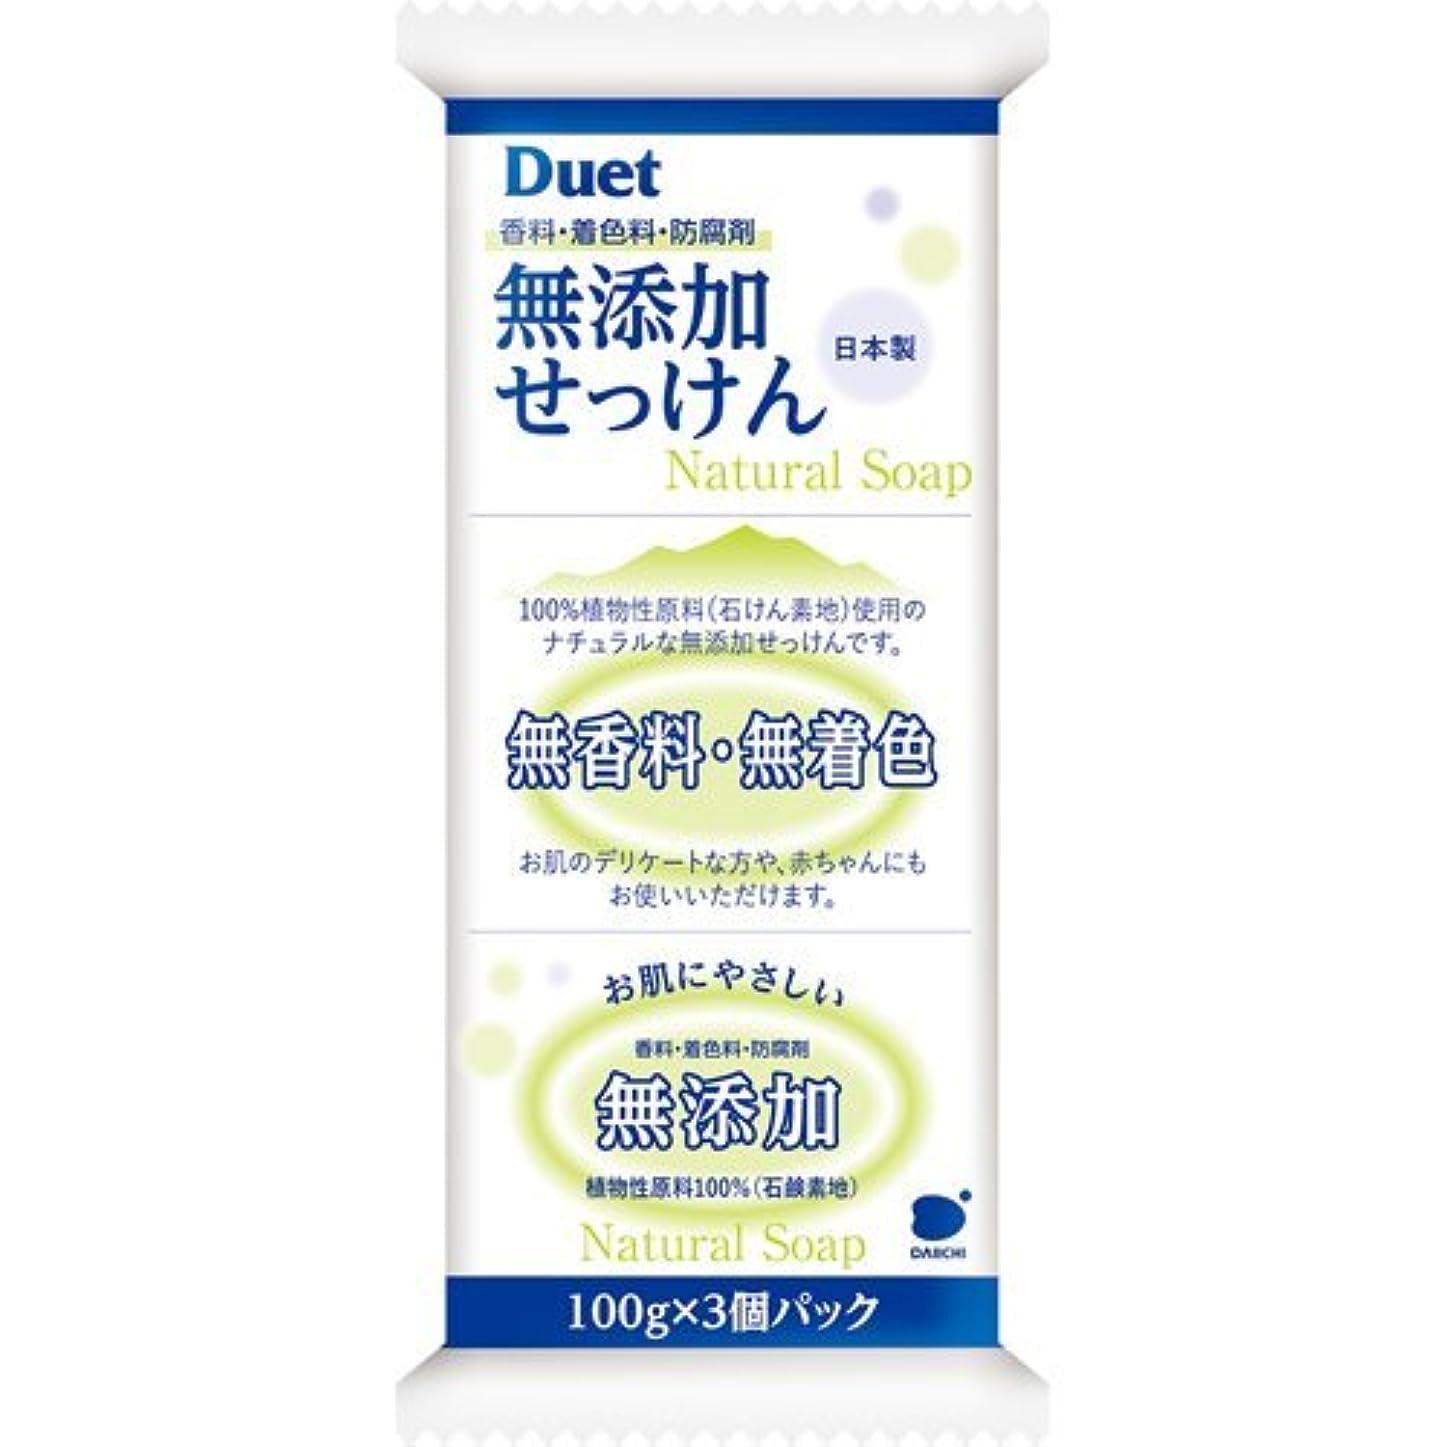 最も娘デュエット無添加石鹸 バスサイズ 100g×3個 【まとめ買い360個セット】